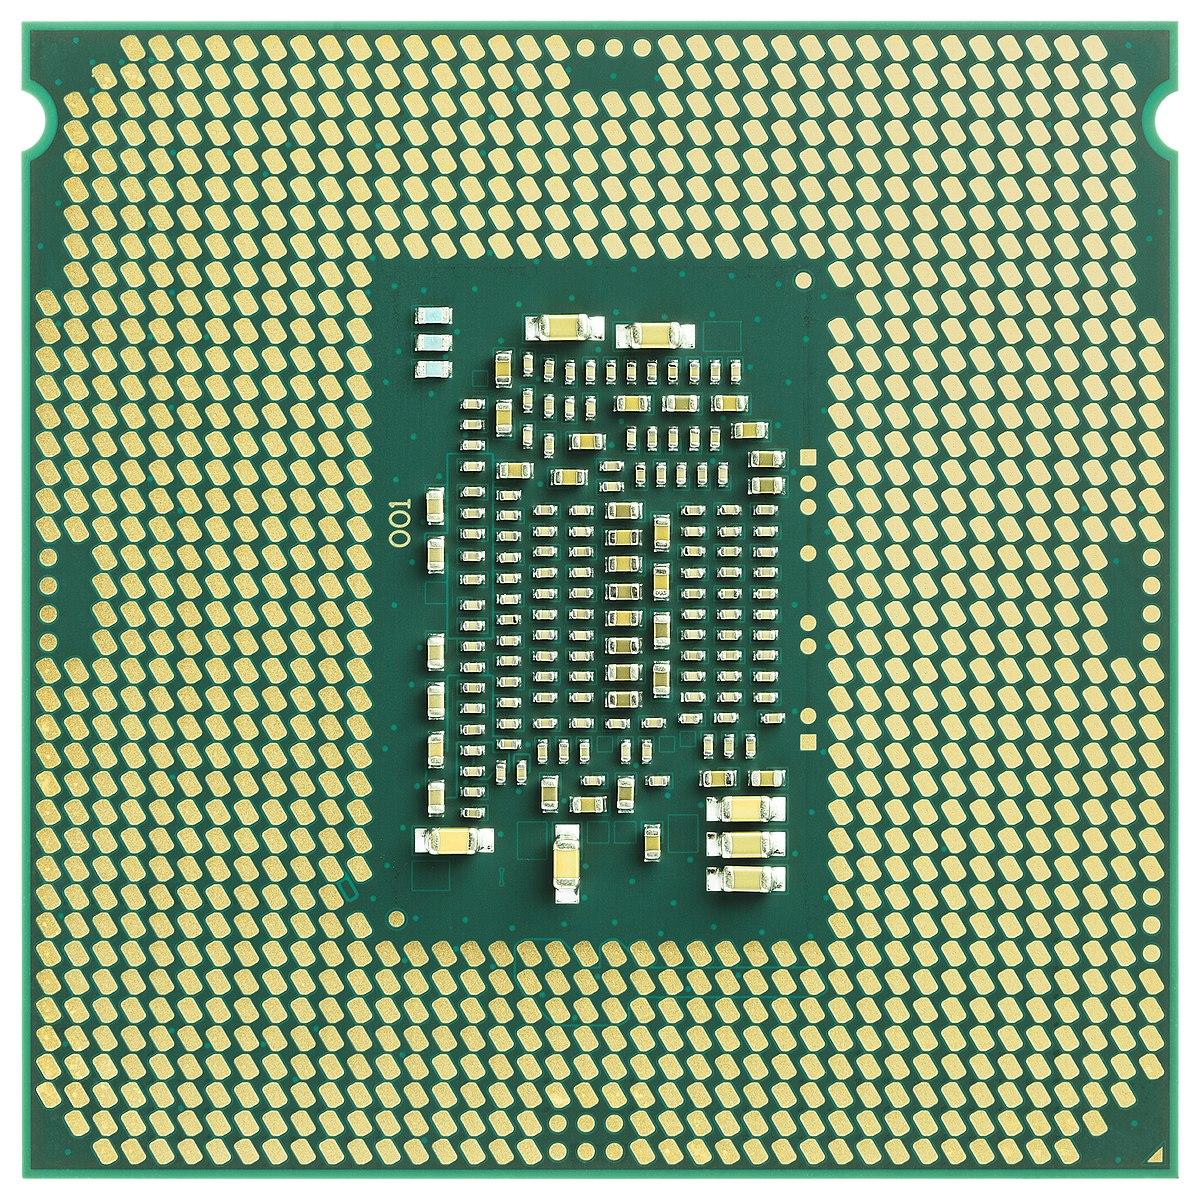 Intel Core - Wikipedia